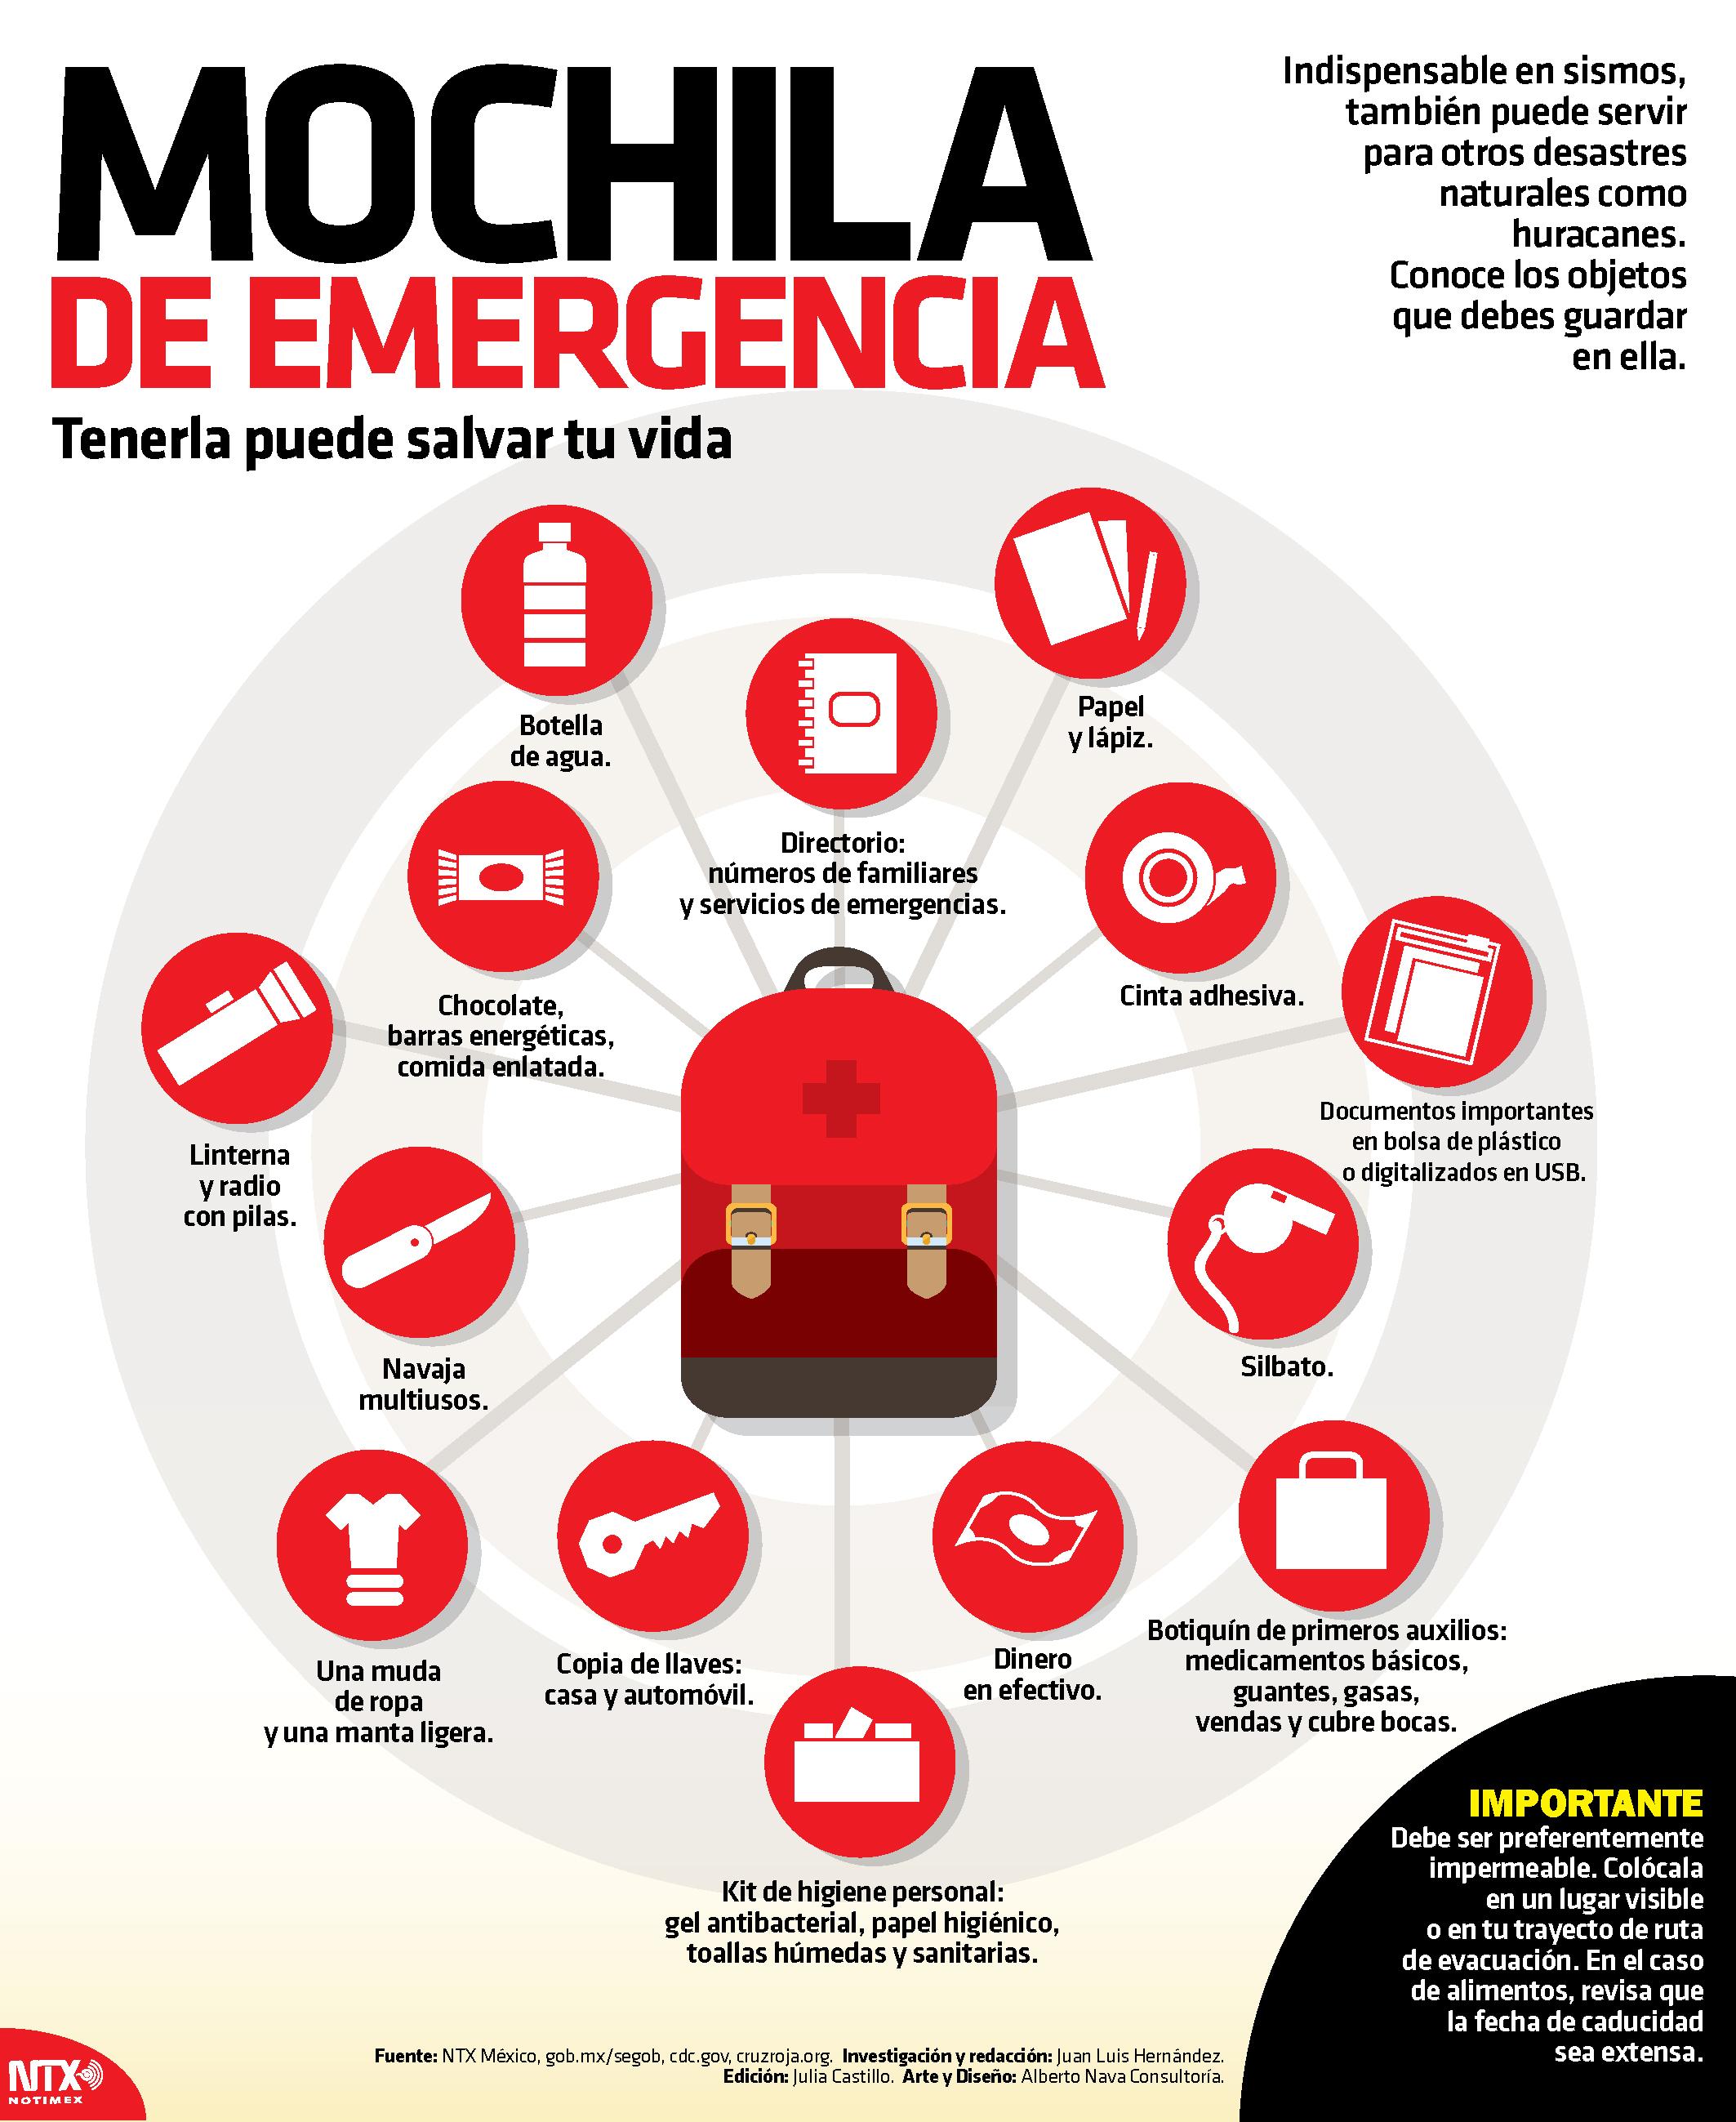 Mochila de emergencia, tenerla puede salvar tu vida